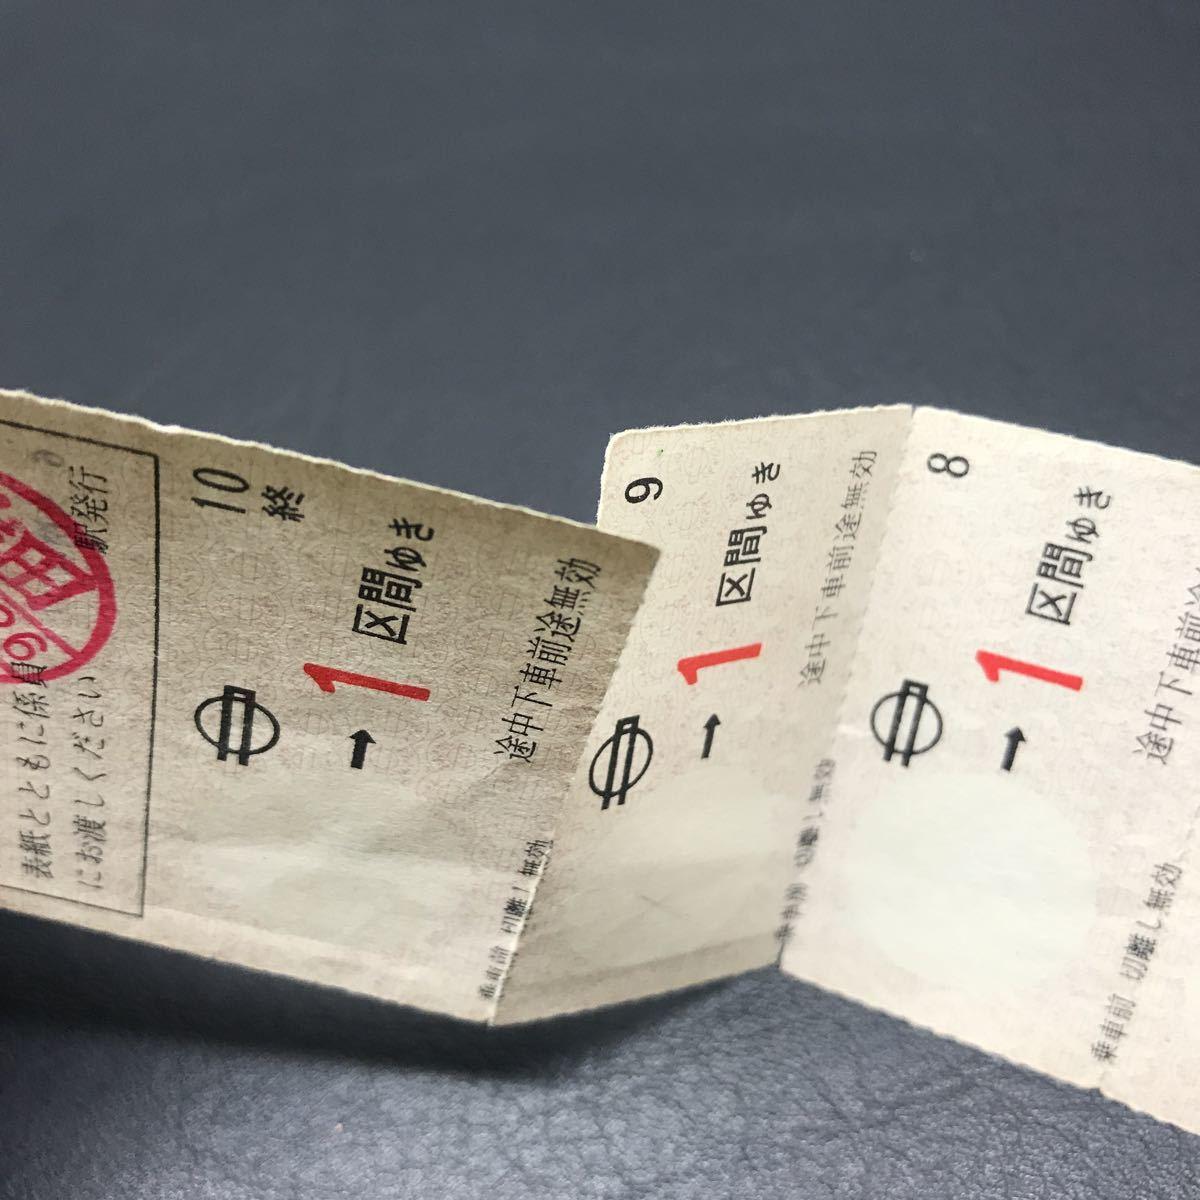 1100 昭和48年 切符 鉄道切符 地下鉄 大阪市交通局 梅田 1区回数乗車券 6枚 当時物 鉄道資料_画像9